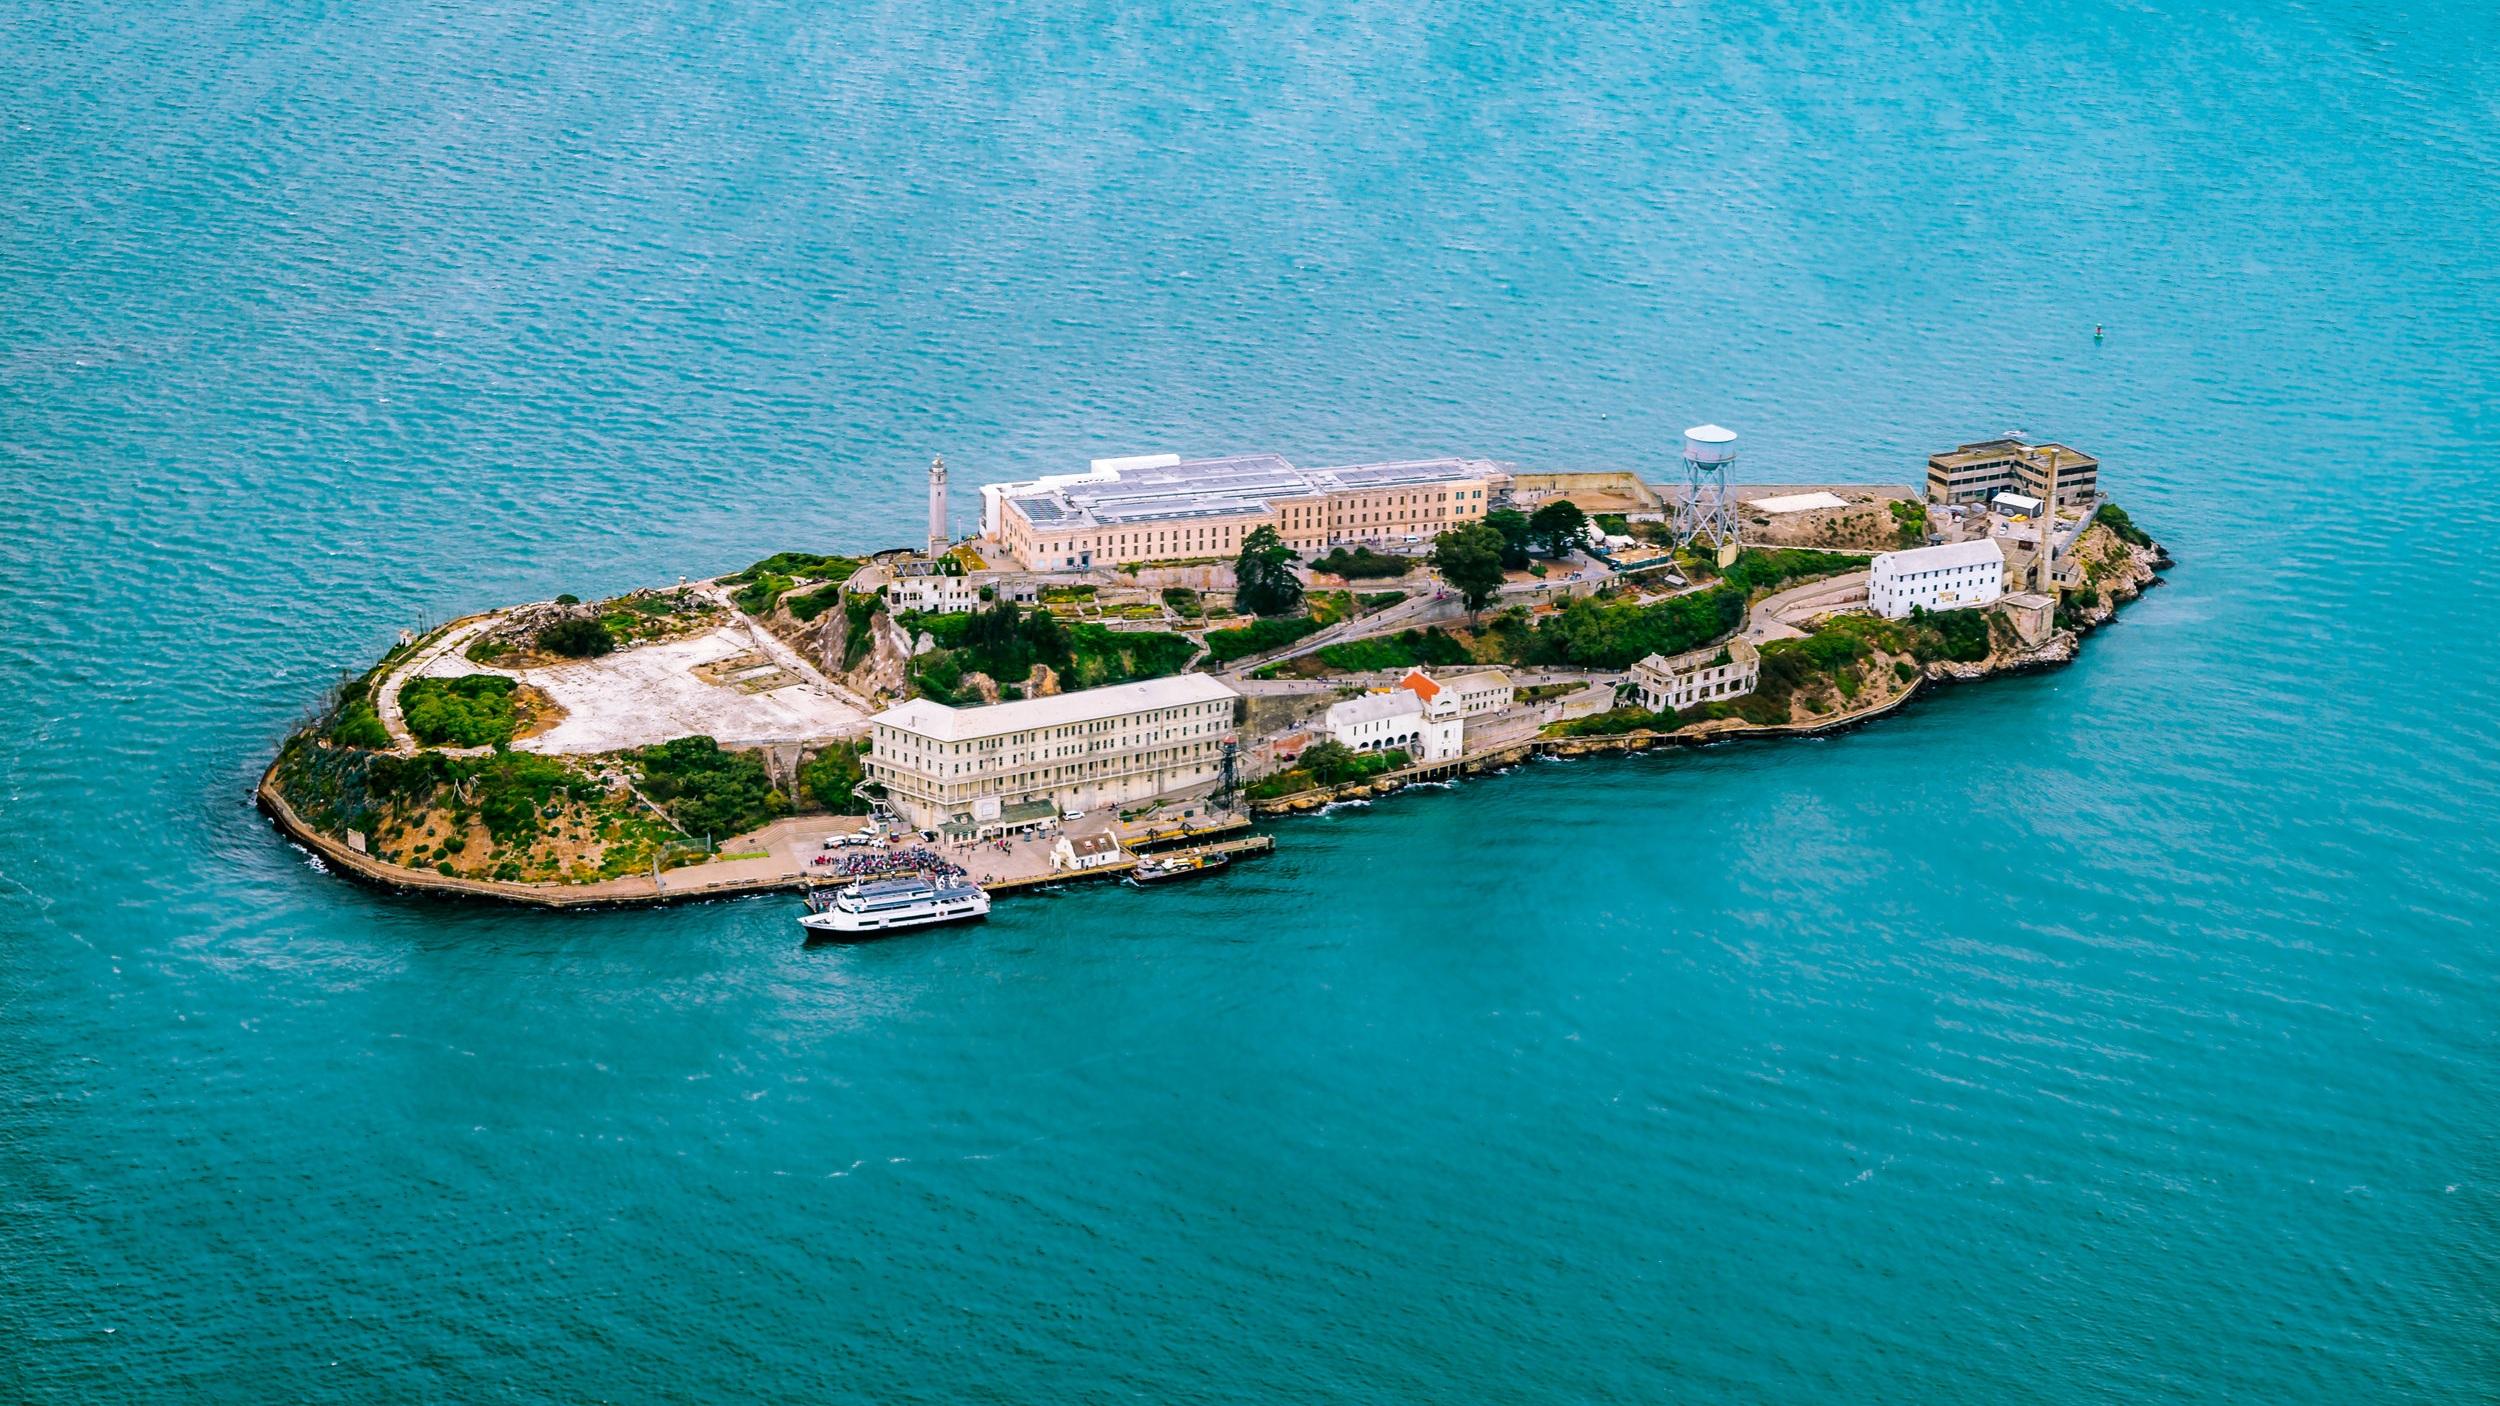 """Alcatraz  Förmodligen världshistoriens mest berömda fängelse som öppnades 1934 och stängdes 1963. Alcatraz har otaliga gånger filmatiserats, bland annat i Clint Eastwoods """"Flykten från Alcatraz"""" och """"The Rock"""". I dagsläget är fängelset en stor turistattraktion och väl värd ett besök."""